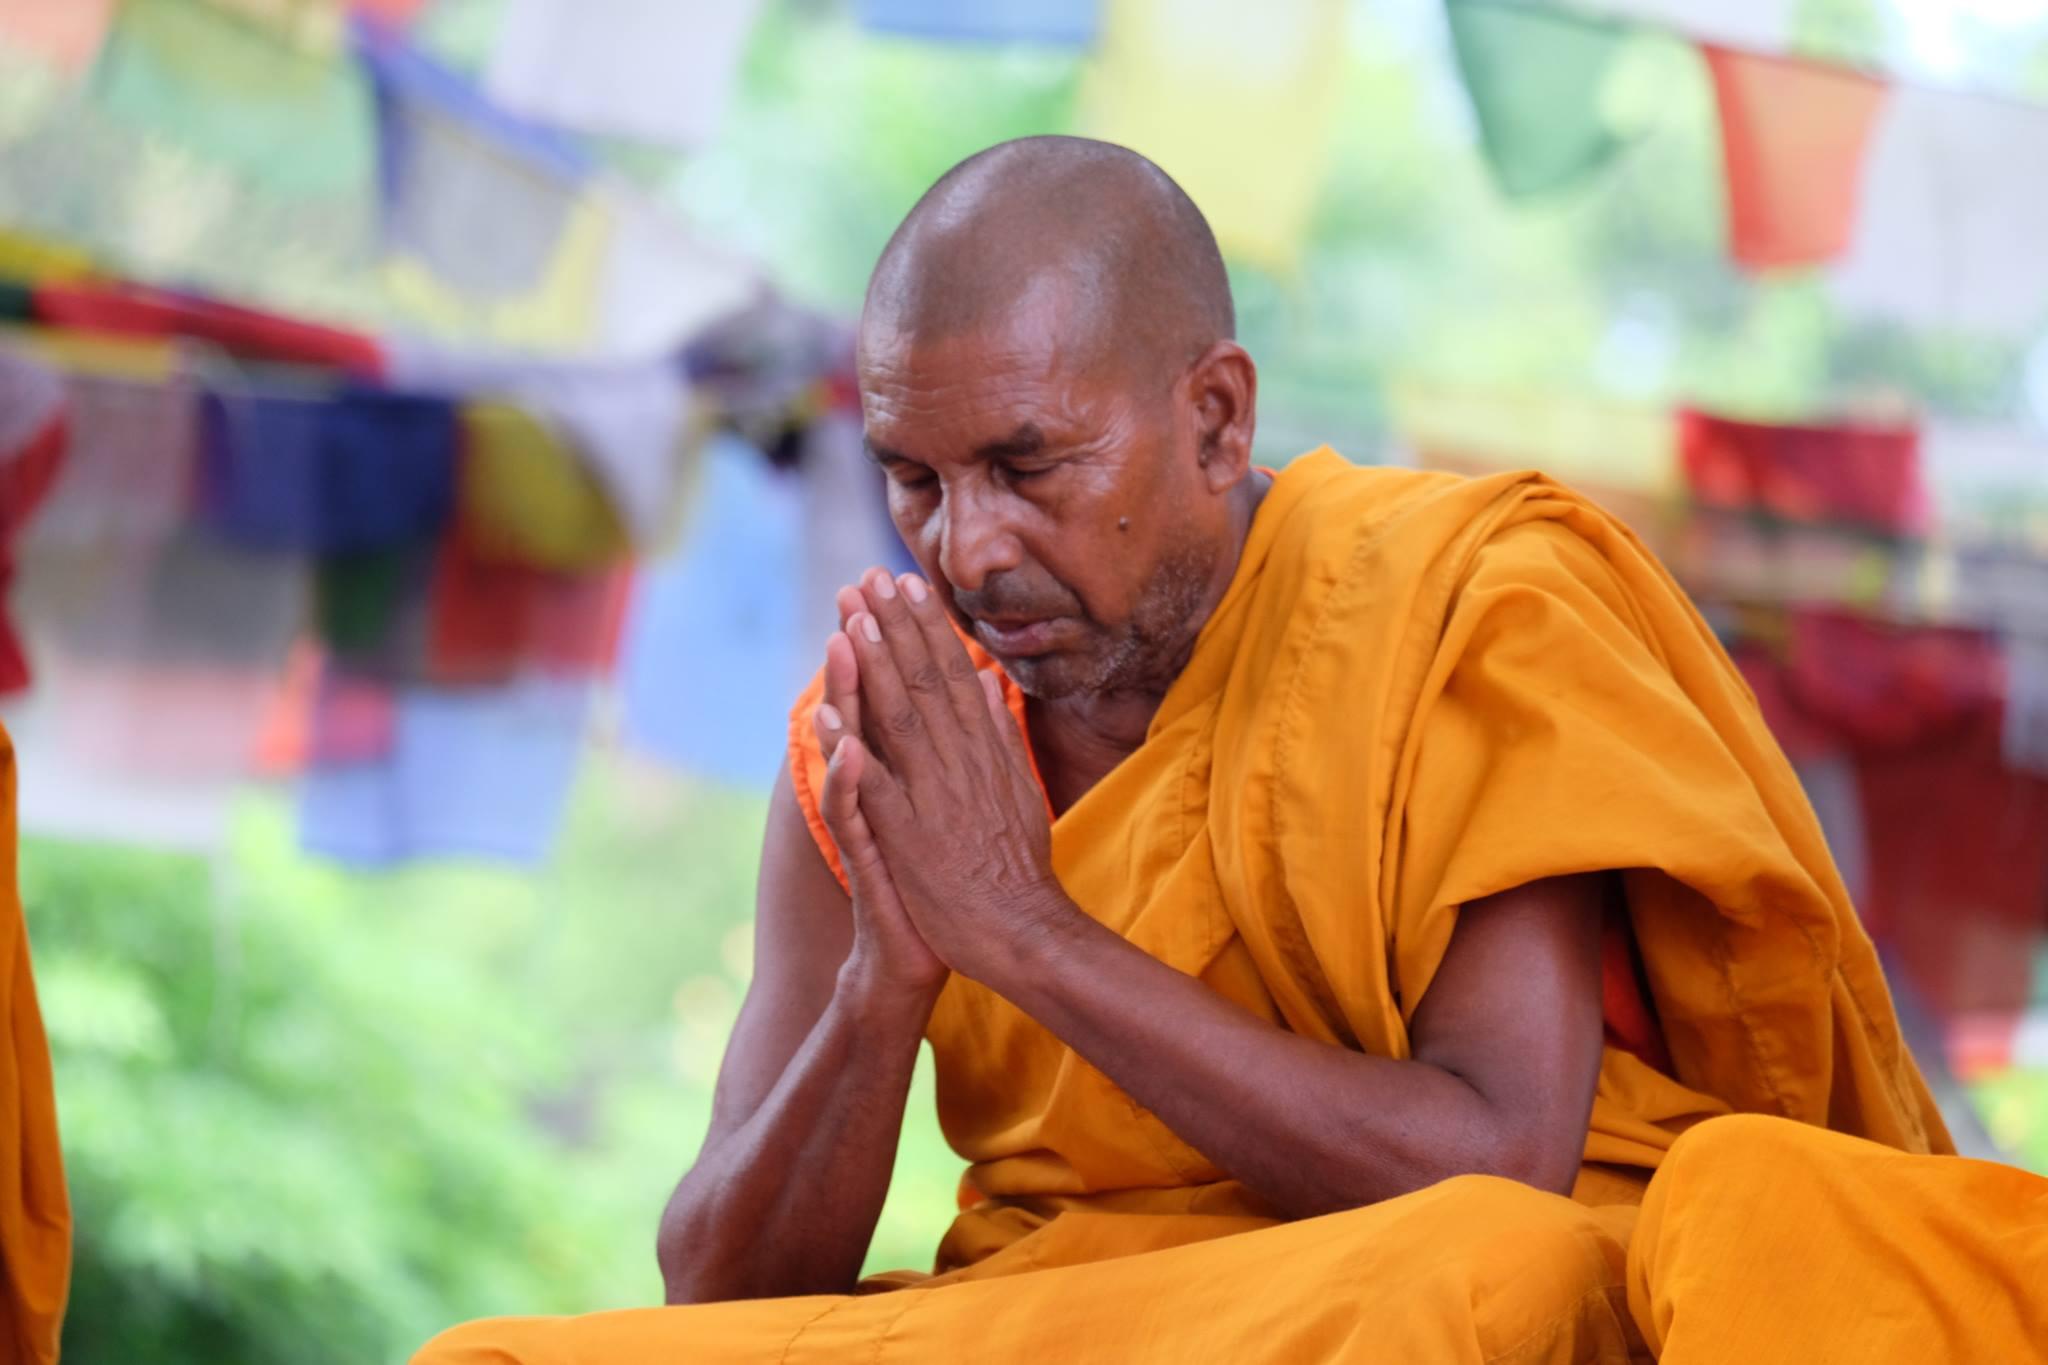 Chuyến Đi Nepal: Namaste [Xin chào] NEPAL!